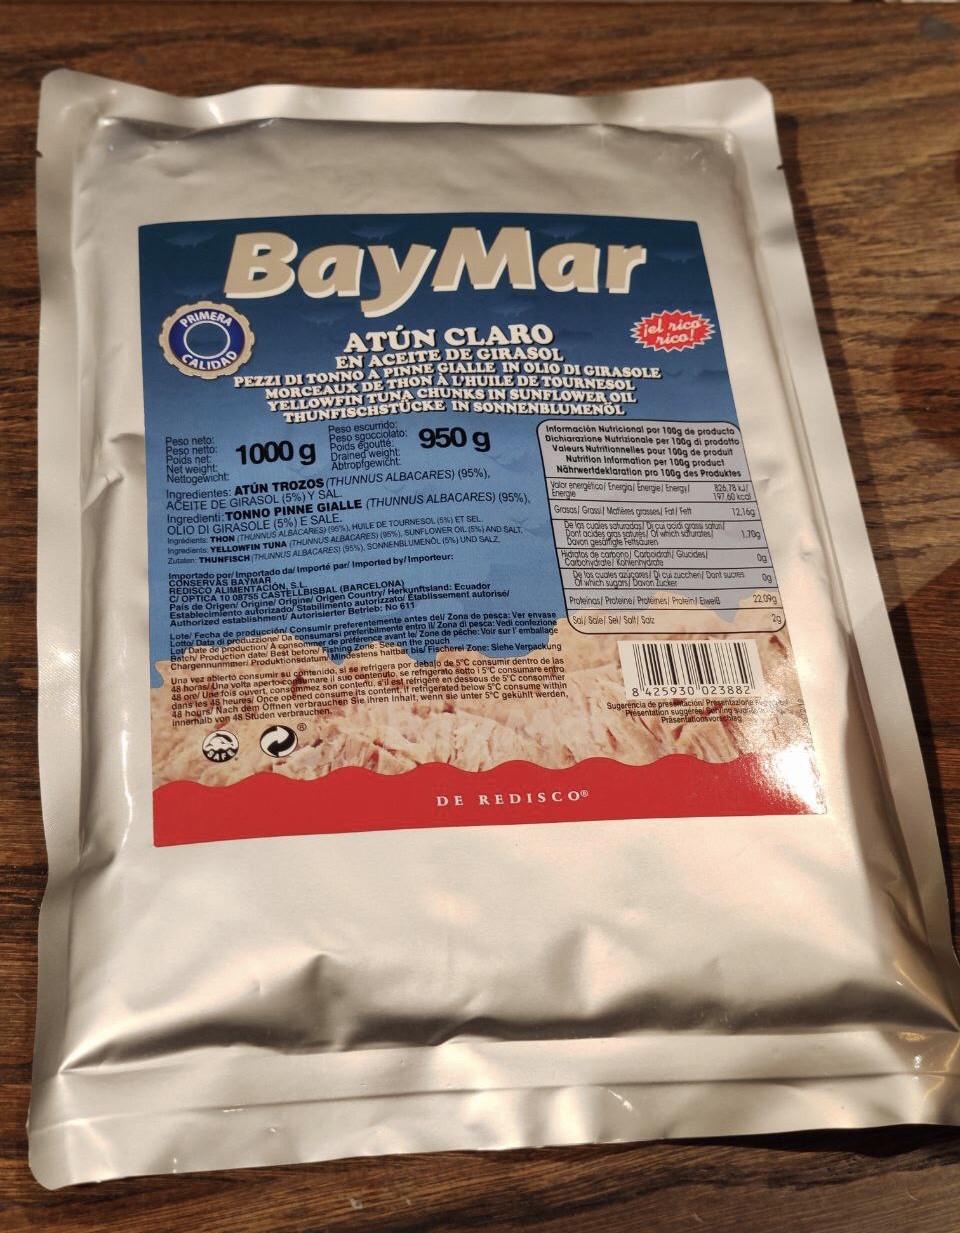 Тунець в олії BayMar ATUN CLARO  (шматки) 1000/950 г (пакет)